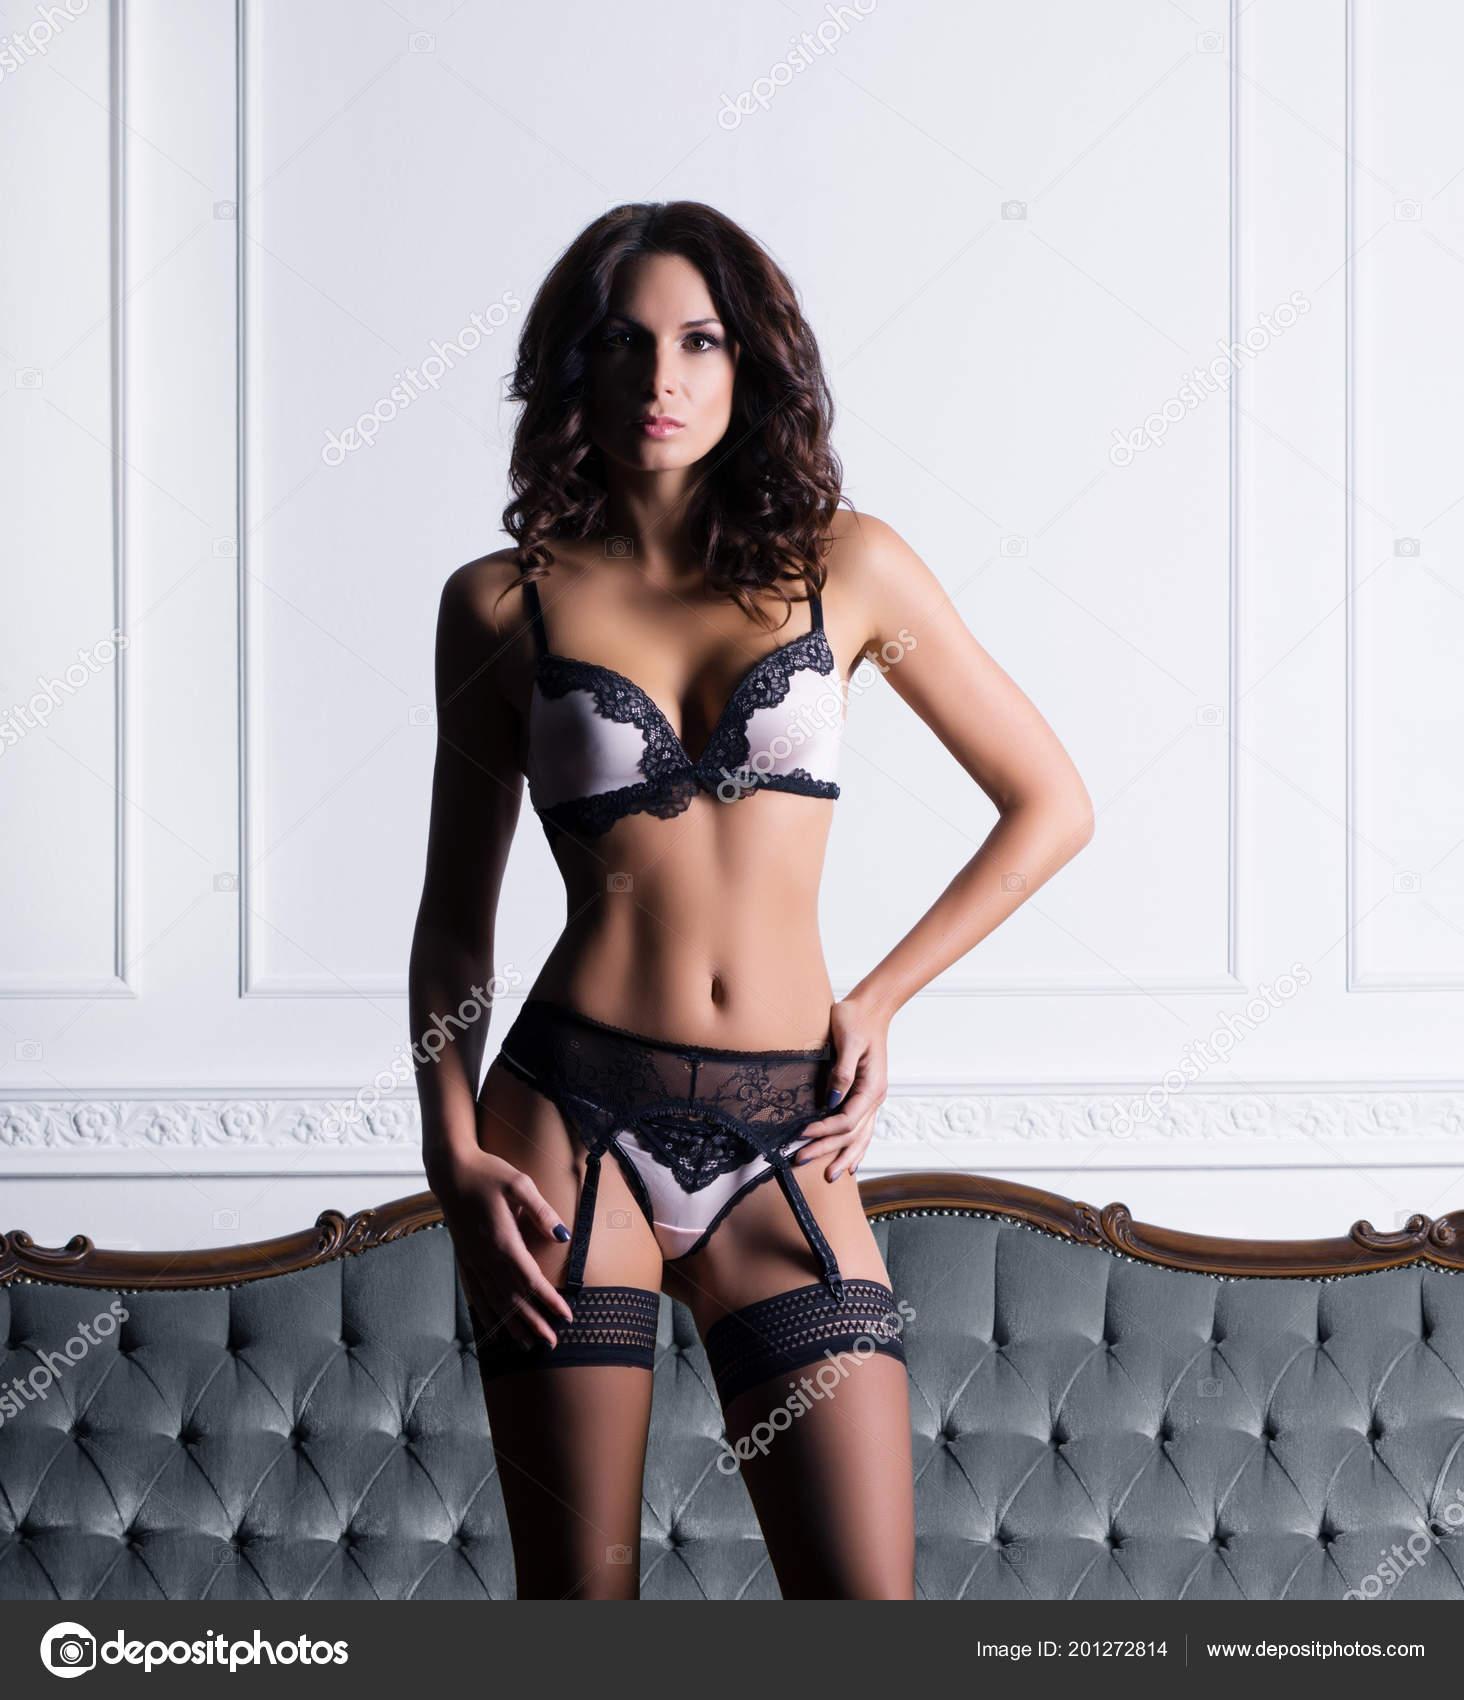 ae52891301 Sexy Bella Mujer Lencería Erótica Las Medias Posando Sobre Sofá — Foto de  Stock